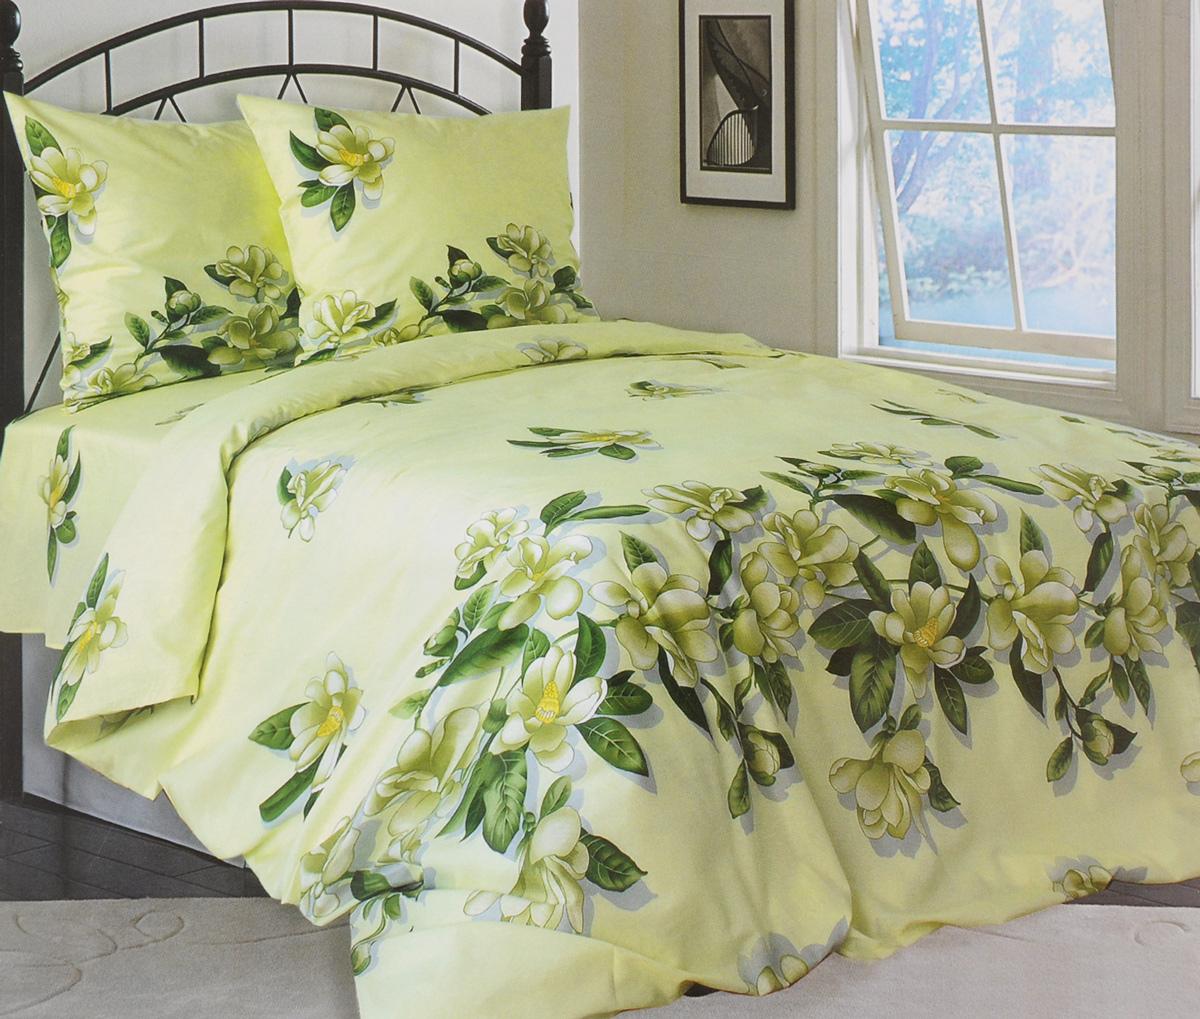 Комплект белья Катюша Юнона, 1,5-спальный, наволочки 70х70, цвет: зеленый, серый, желтый86516Роскошный комплект белья Катюша Юнона, выполненный из бязи (100% натуральногохлопка), состоит из пододеяльника, простыни и двух наволочек. Постельное белье оформлено изображением цветов и имеет изысканный внешний вид. Бязь - это ткань полотняного переплетения, изготовленная из экологически чистого и натурального 100% хлопка.Она приятная на ощупь, при этом очень прочная, хорошо сохраняет форму и легко гладится. Ткань прекрасно пропускает воздух и за ней легко ухаживать. Приобретая комплект постельного белья Катюша Юнона, вы можете быть уверенны в том, что покупка доставит вам и вашим близким удовольствие и подарит максимальный комфорт.